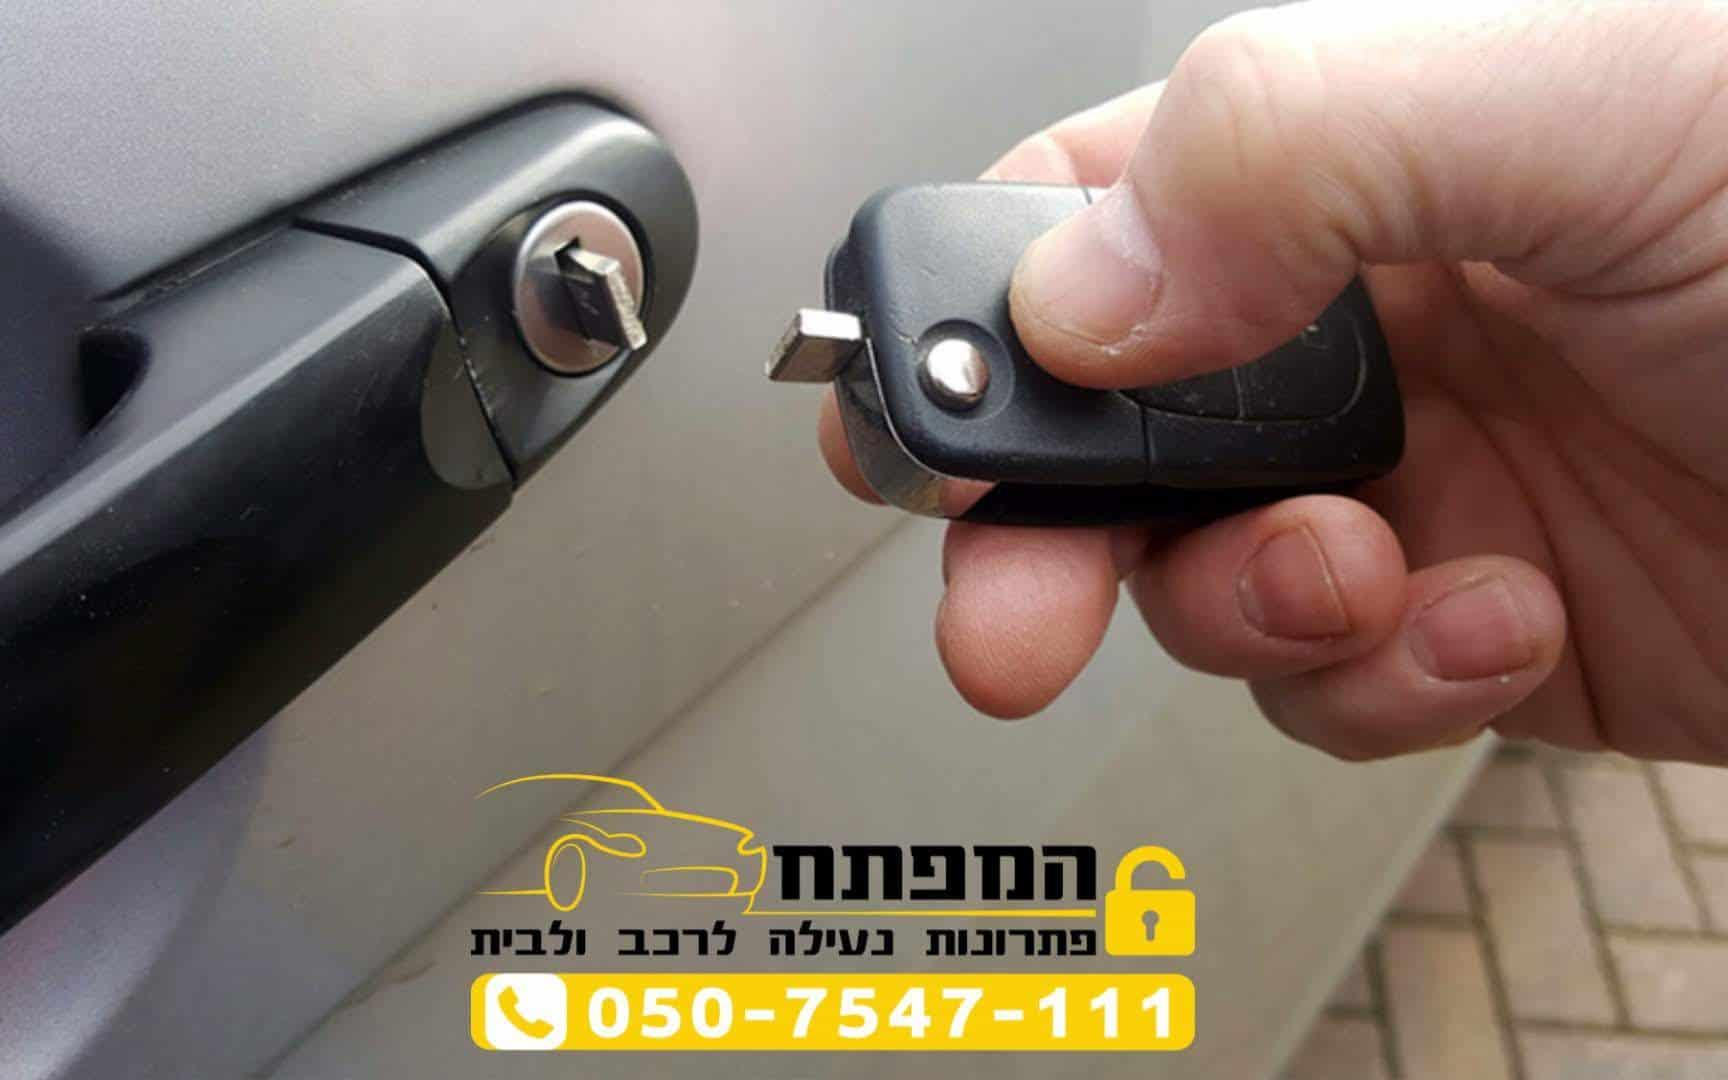 שחזור מפתחות לרכב שחזור מפתחות לרכב PicsArt 10 20 09